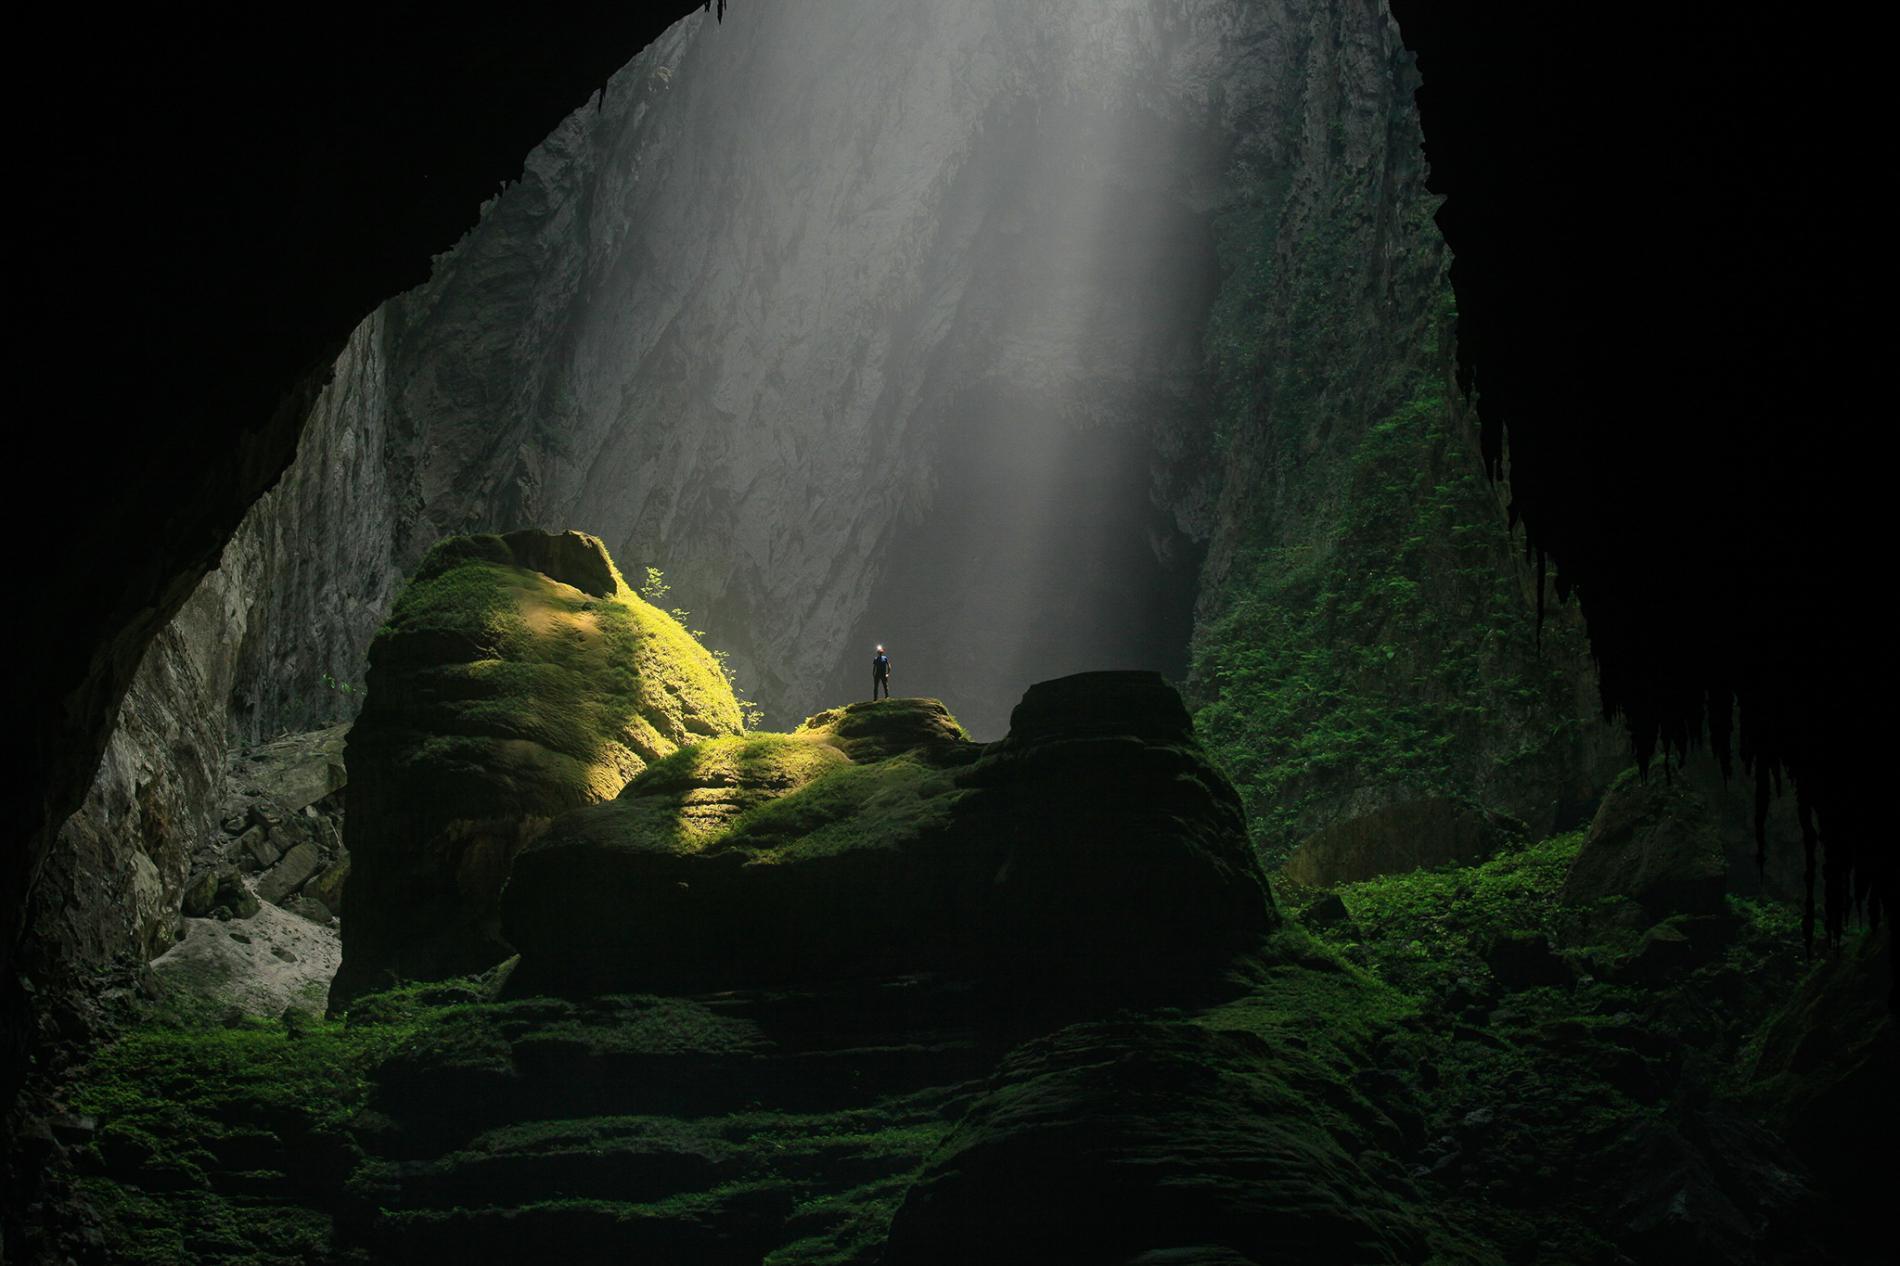 عکس طبیعت ویتنام